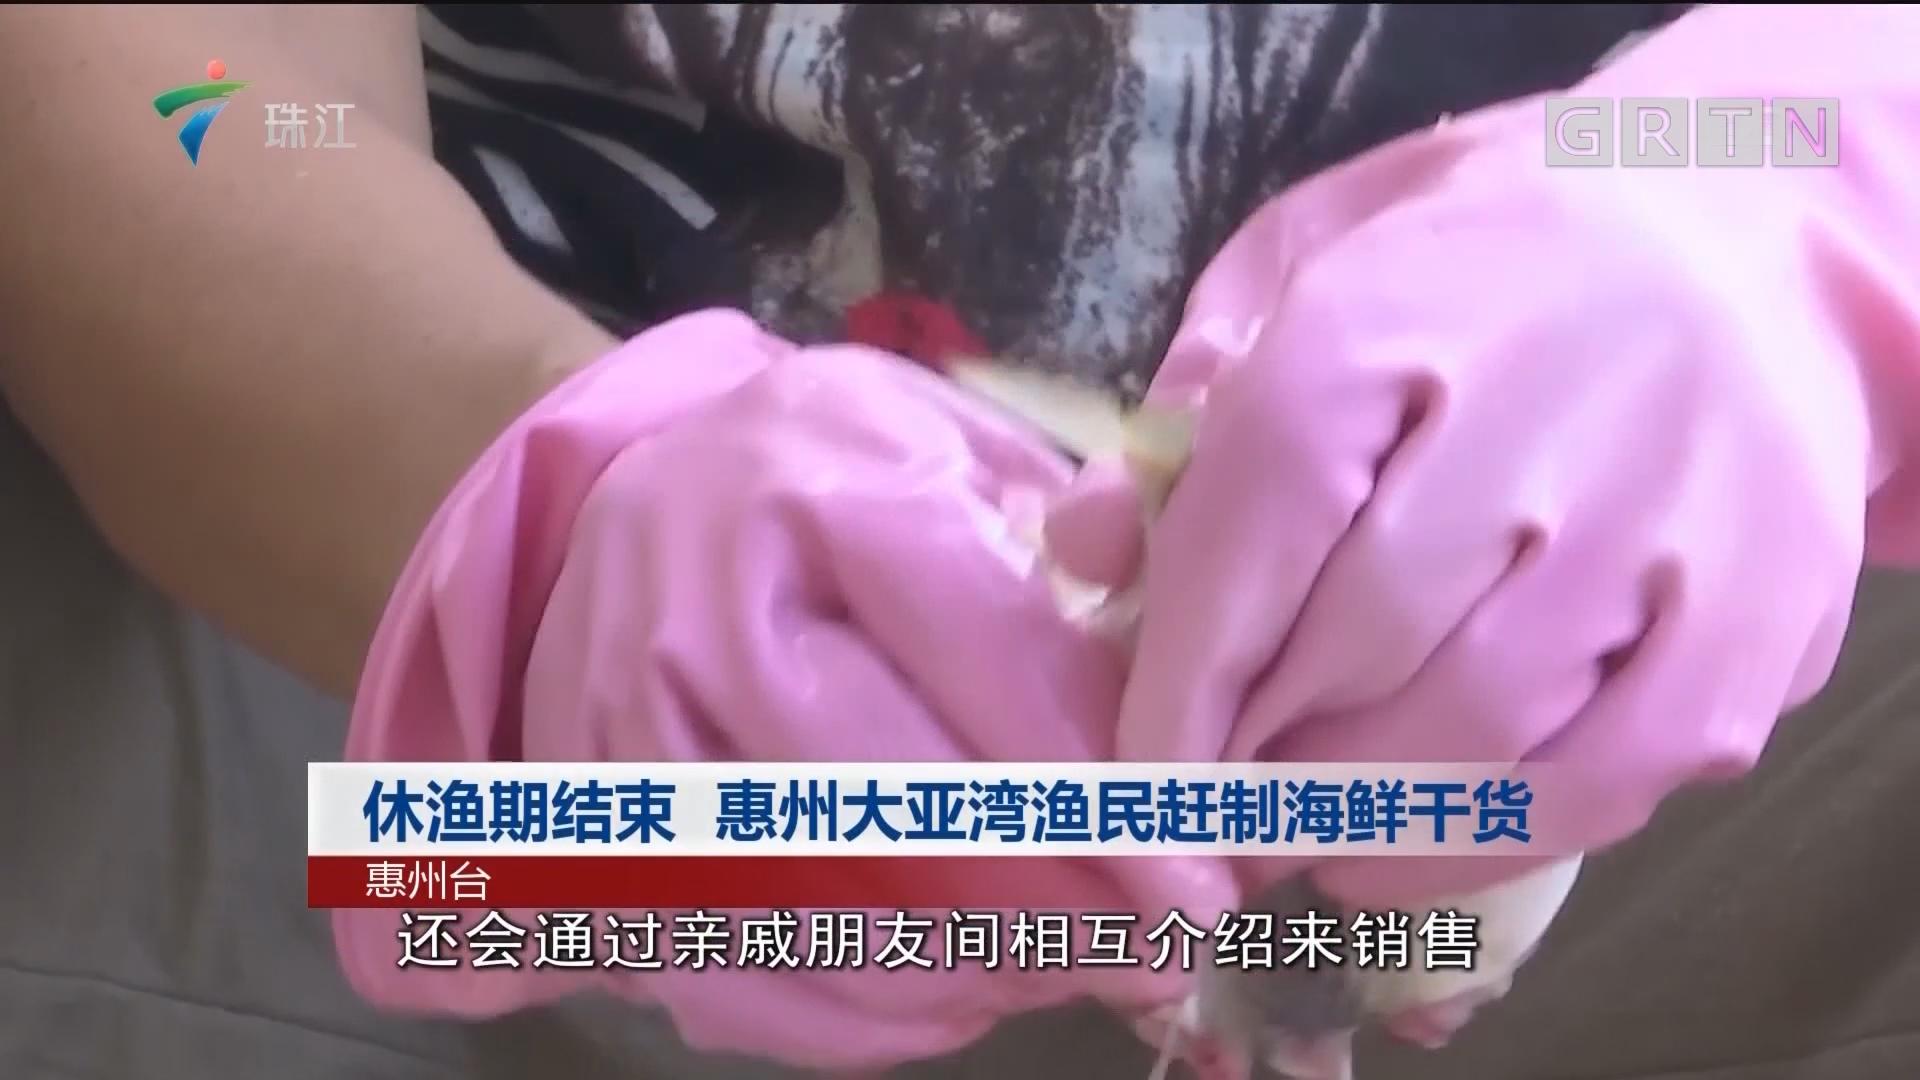 休渔期结束 惠州大亚湾渔民赶制海鲜干货